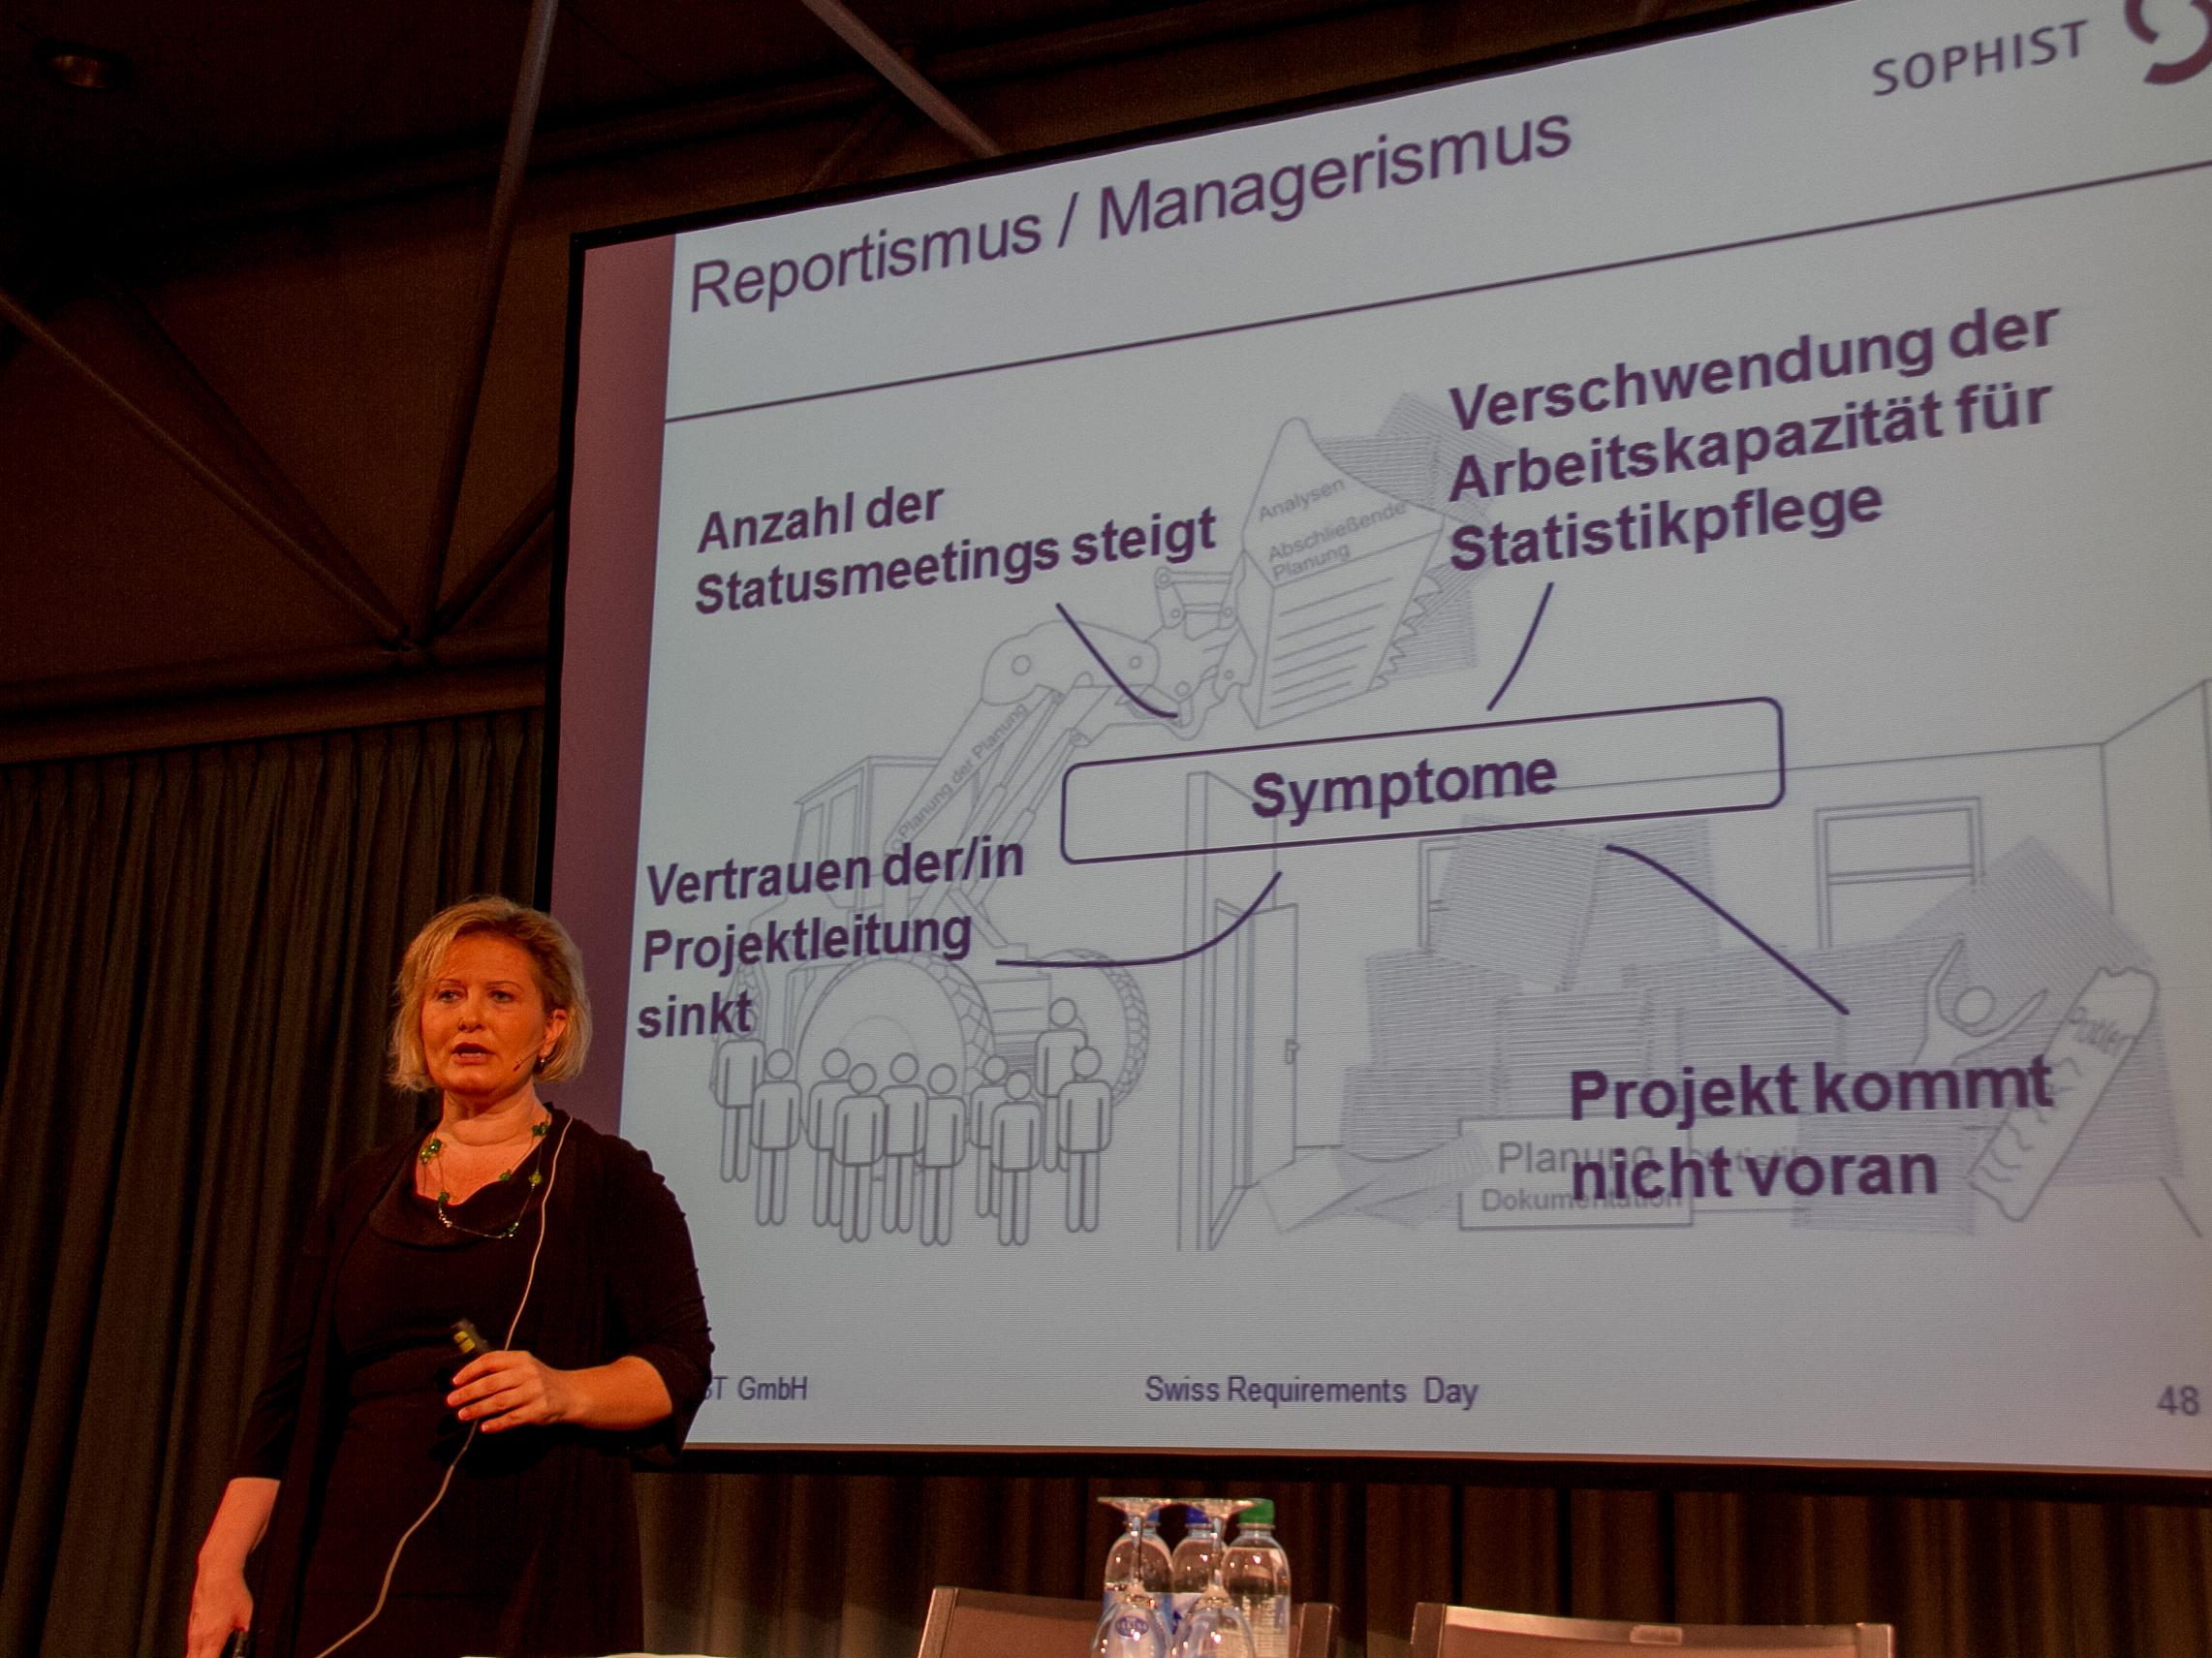 Chris Rupp: Symptome von Reportismus/Managerismus (Vortrag-Slides)